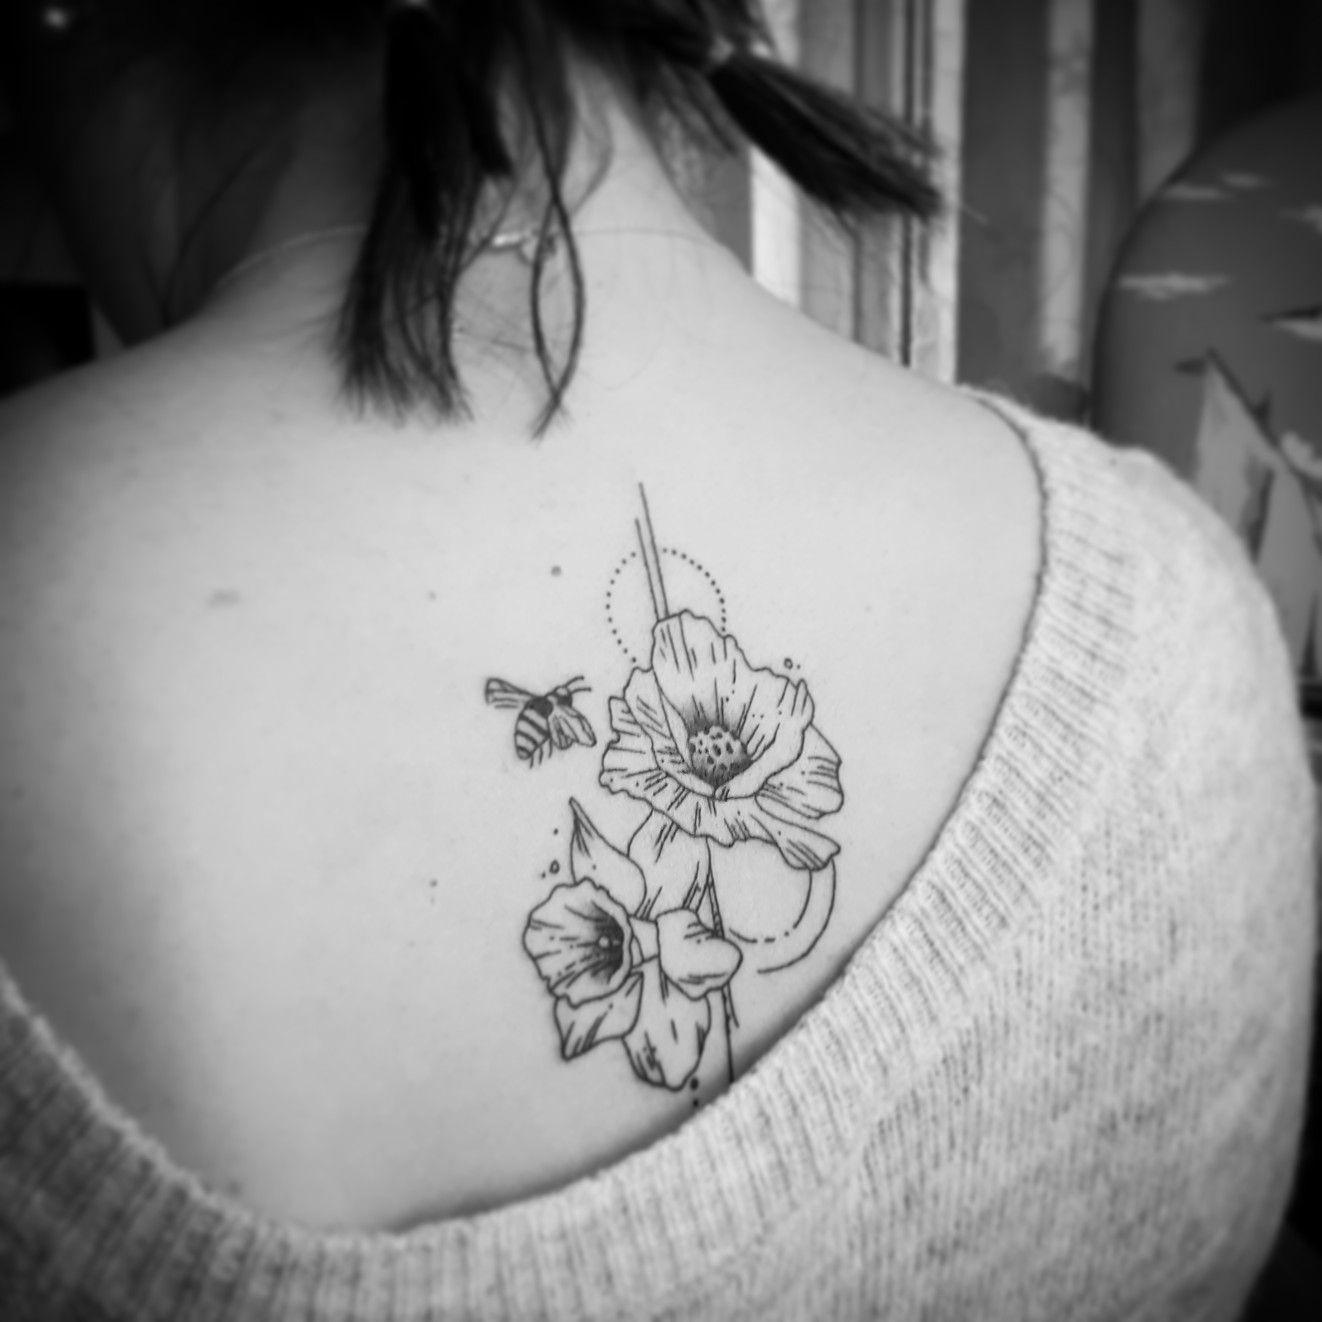 Poppy Tattoo Daffodil Tattoo Bee Tattoo Spine Tattoo Bee Tattoo Tattoos Poppies Tattoo